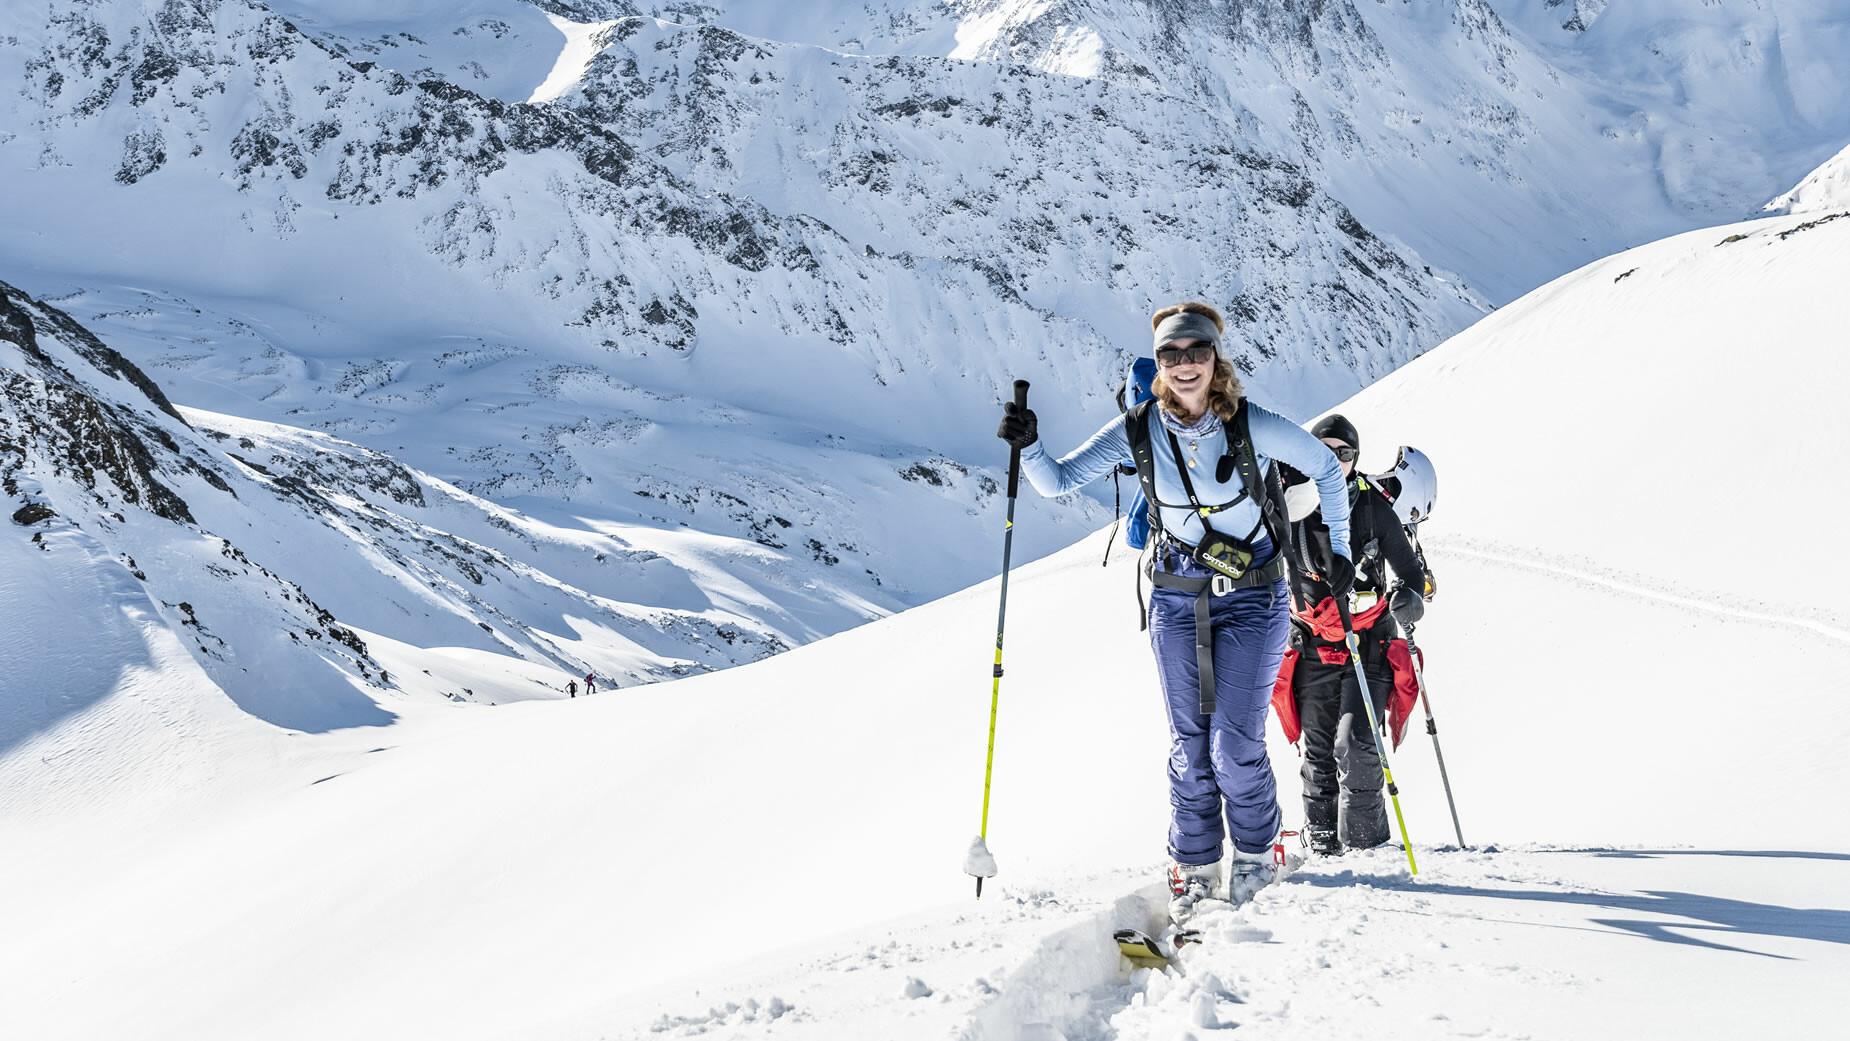 Skitourengeher in St. Anton am Arlberg